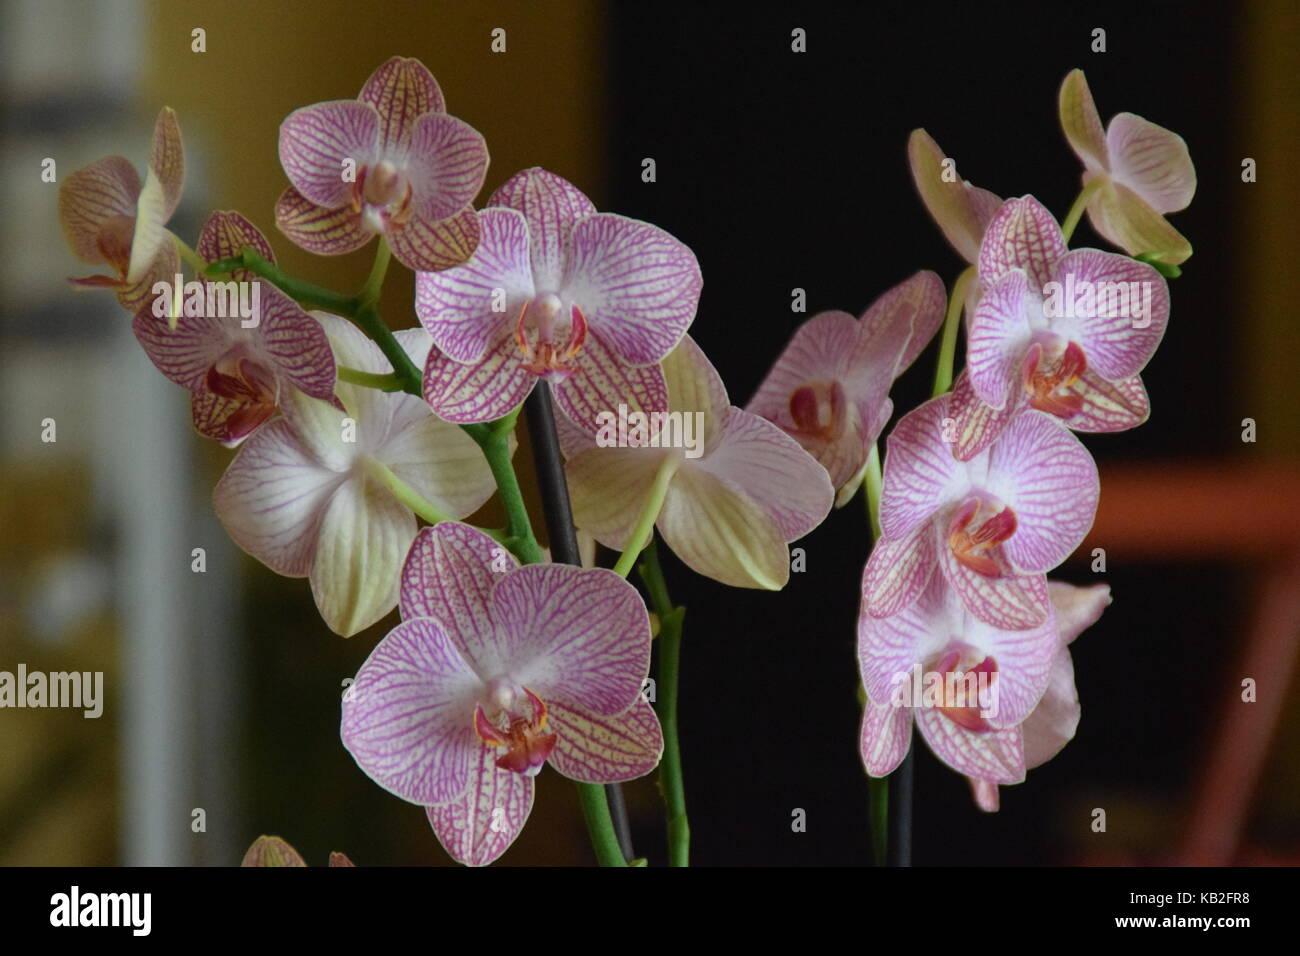 Orchid - Orquidea - Stock Image